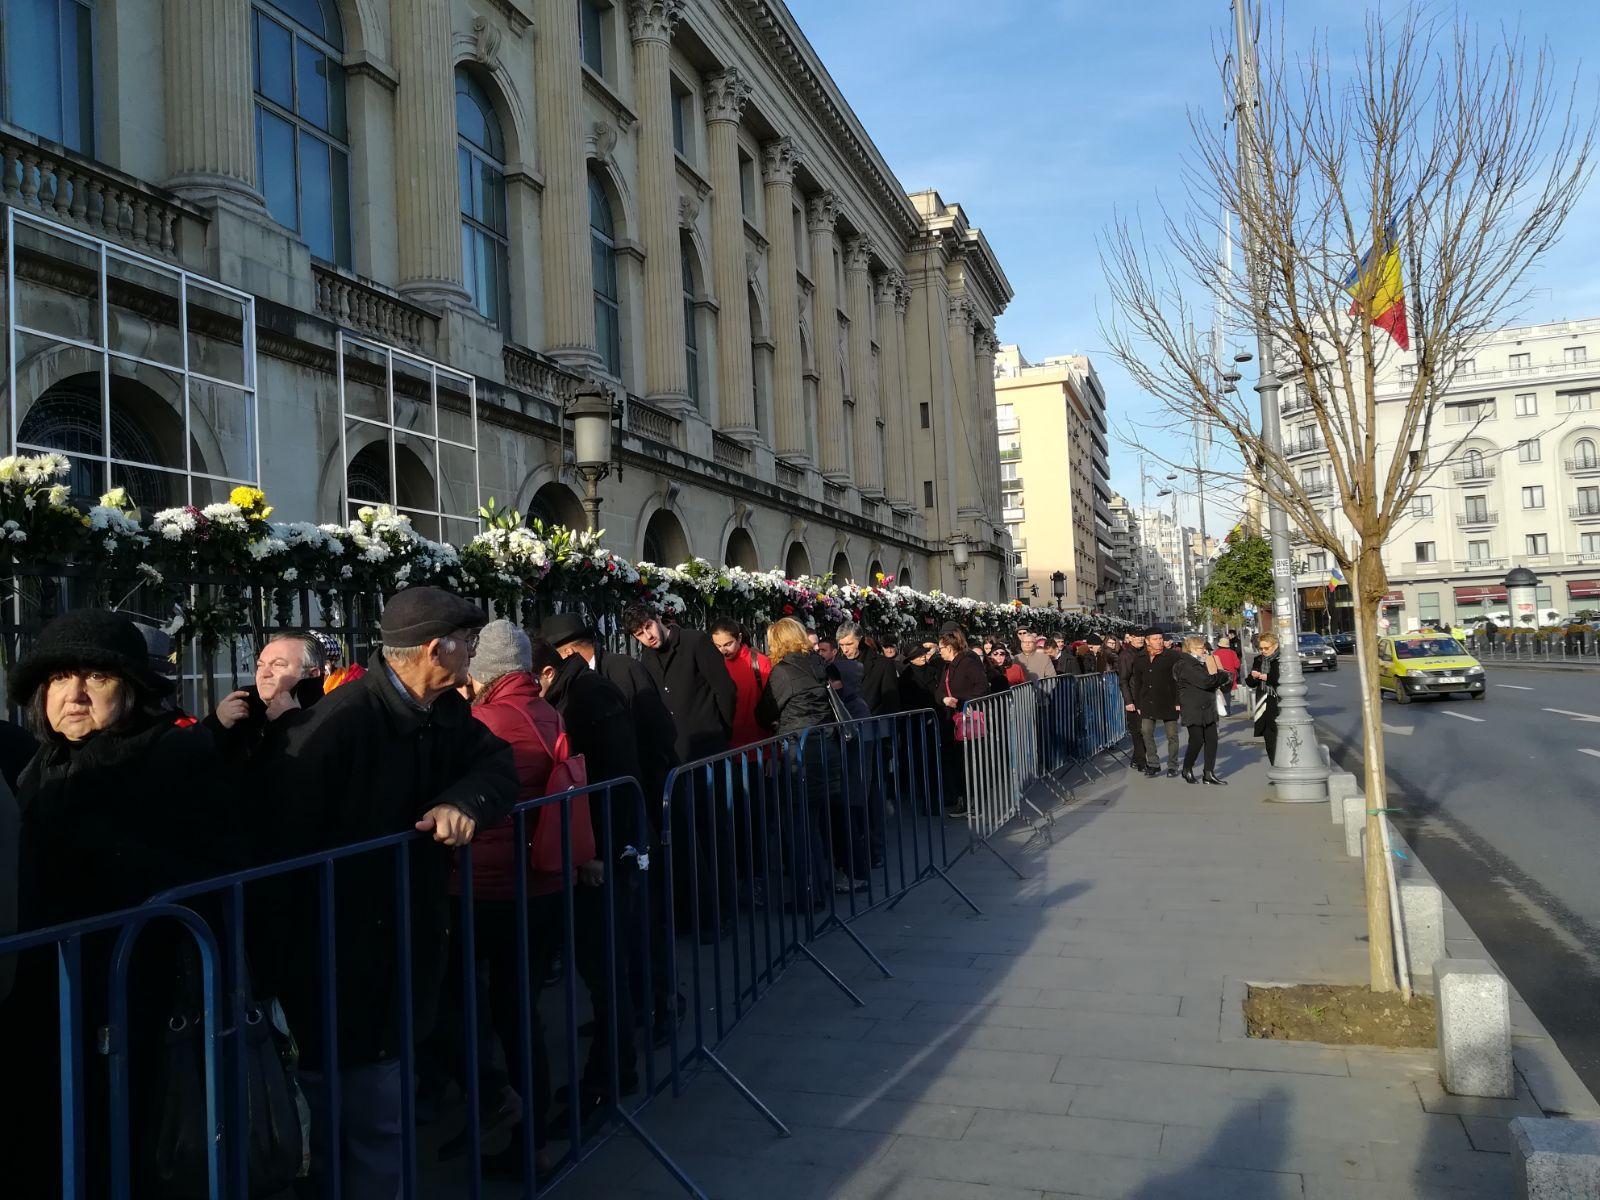 Mii de persoane îi aduc şi astăzi omagii Regelui Mihai. Lascăr Duiliu Zamfirescu, fost coleg de clasă: Eu am o pierdere imensă / Prinţul Charles şi regele Juan Carlos I al Spaniei ajung vineri la Bucureşti| FOTO